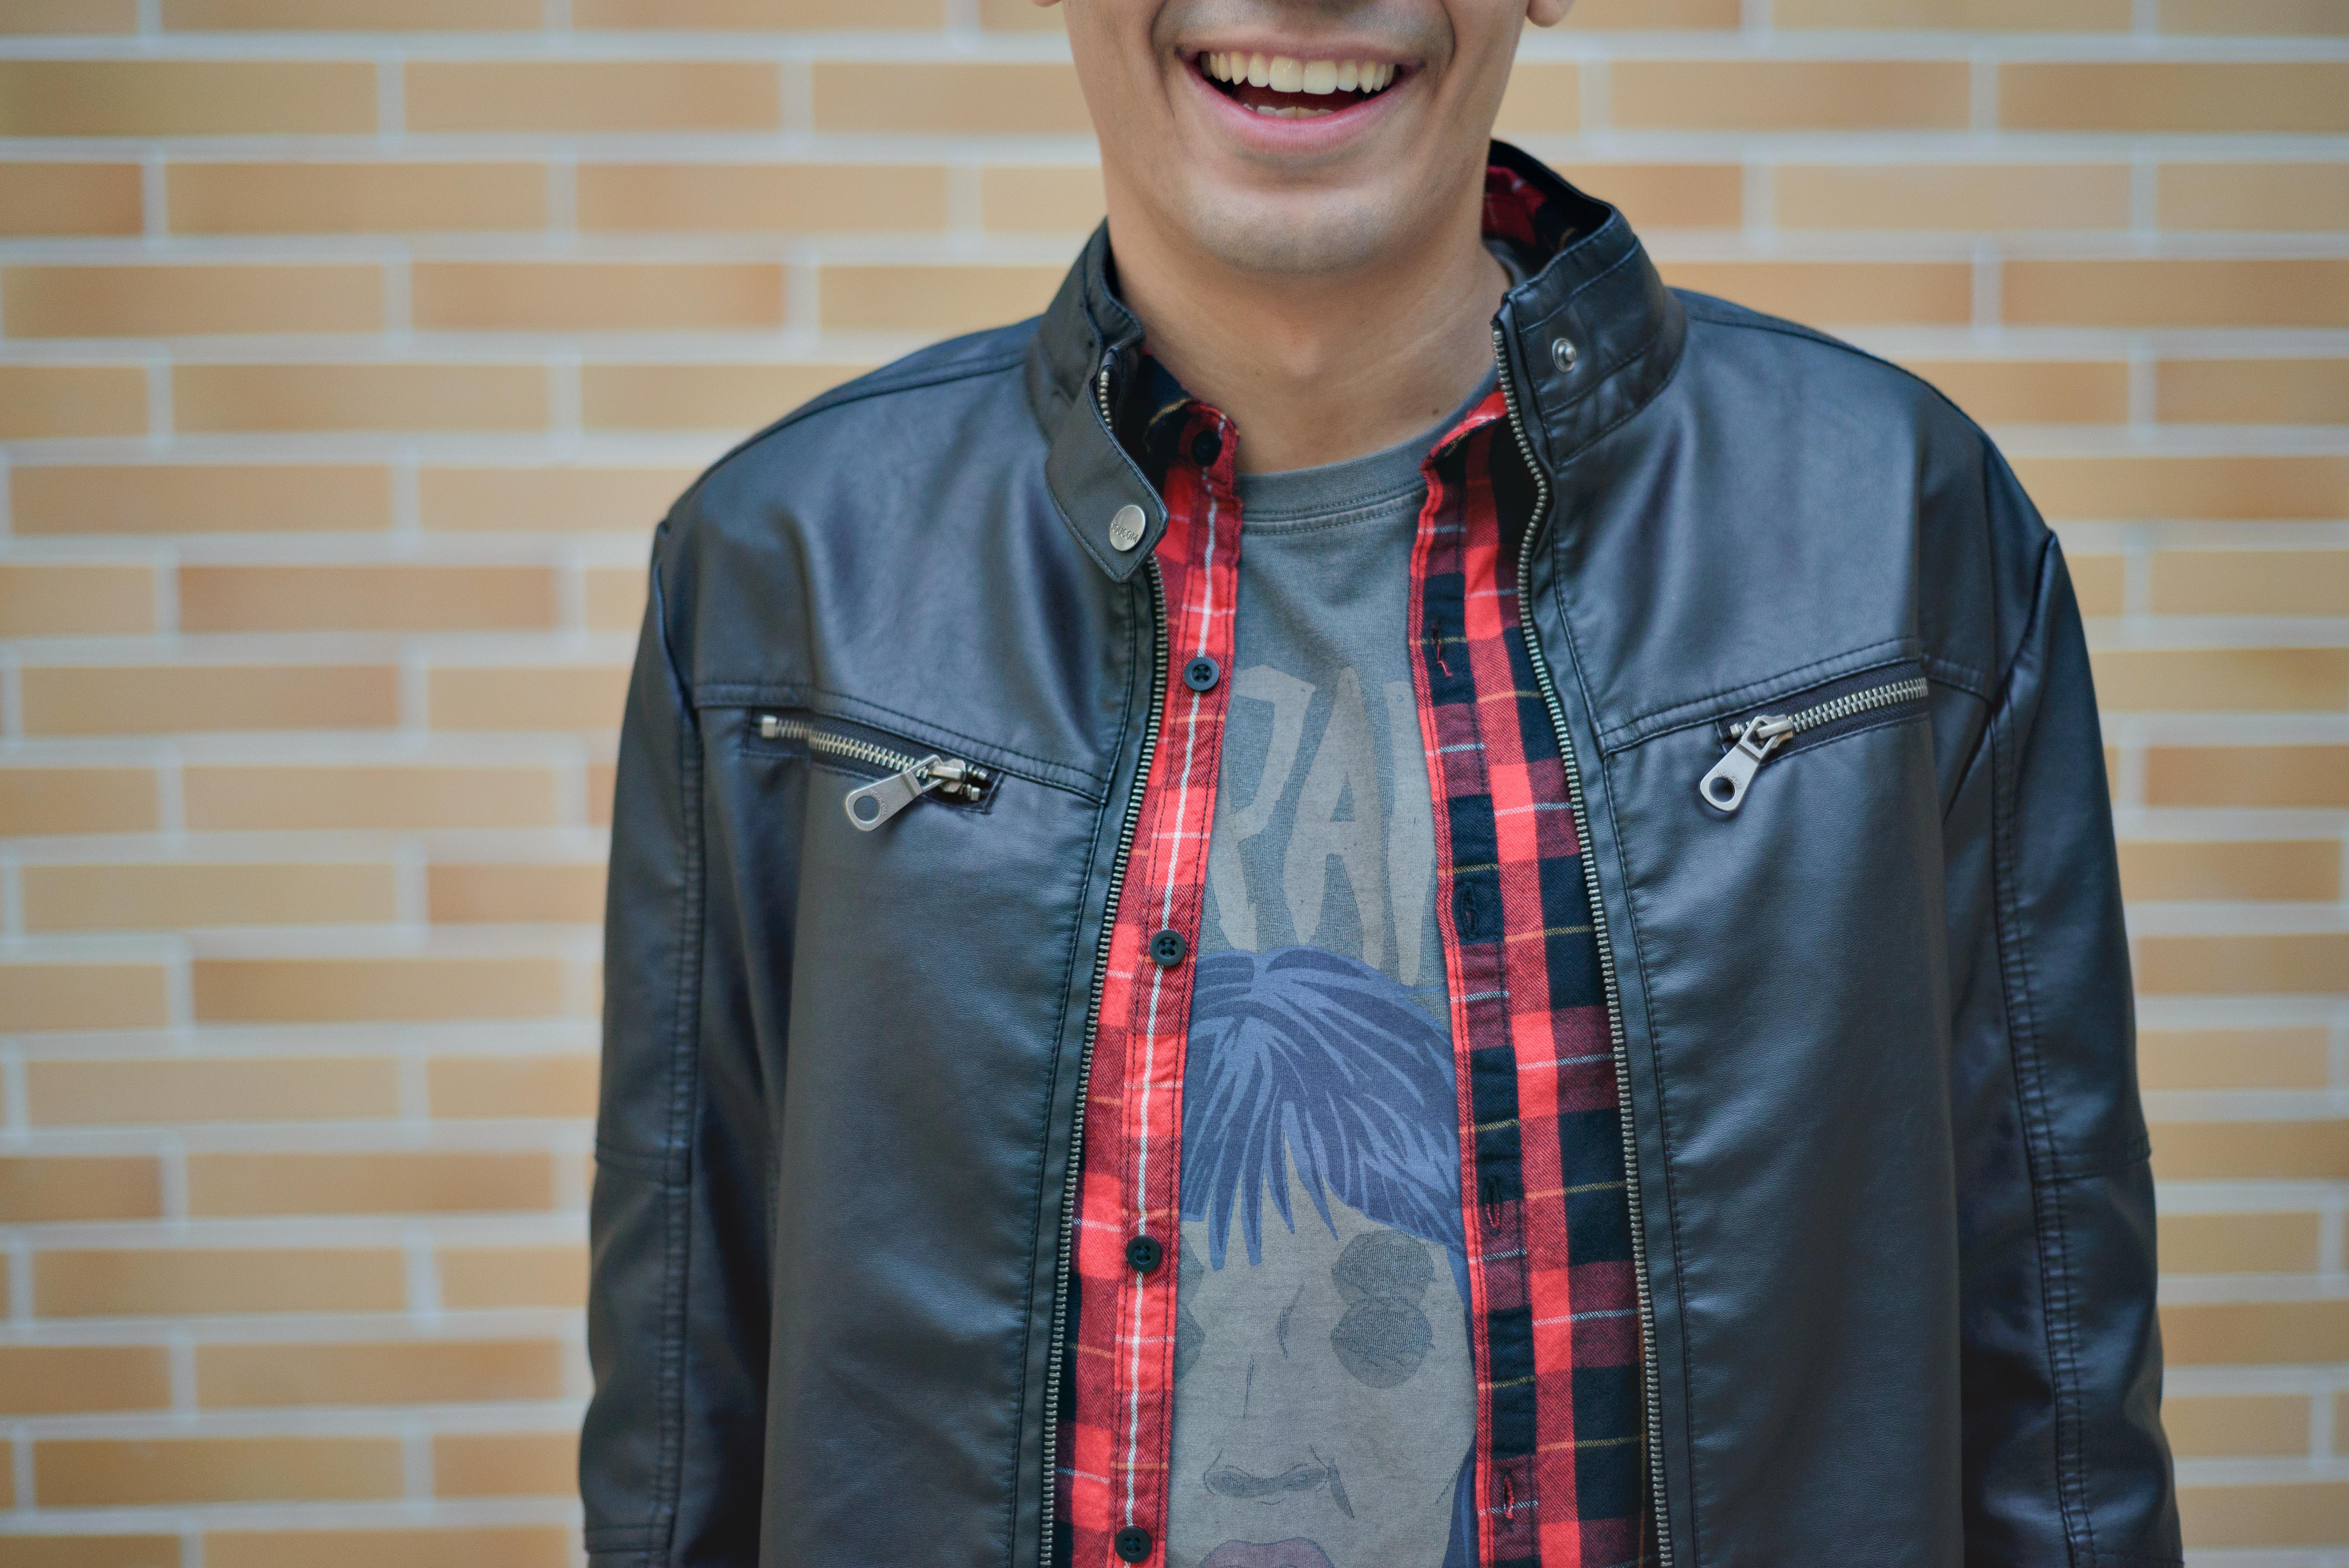 alex cursino, blogueiro de moda, blog de moda masculina, youtuber de moda, dicas de moda, moda para homens, moda sem censura, look masculino 2017, estilo masculino (1)